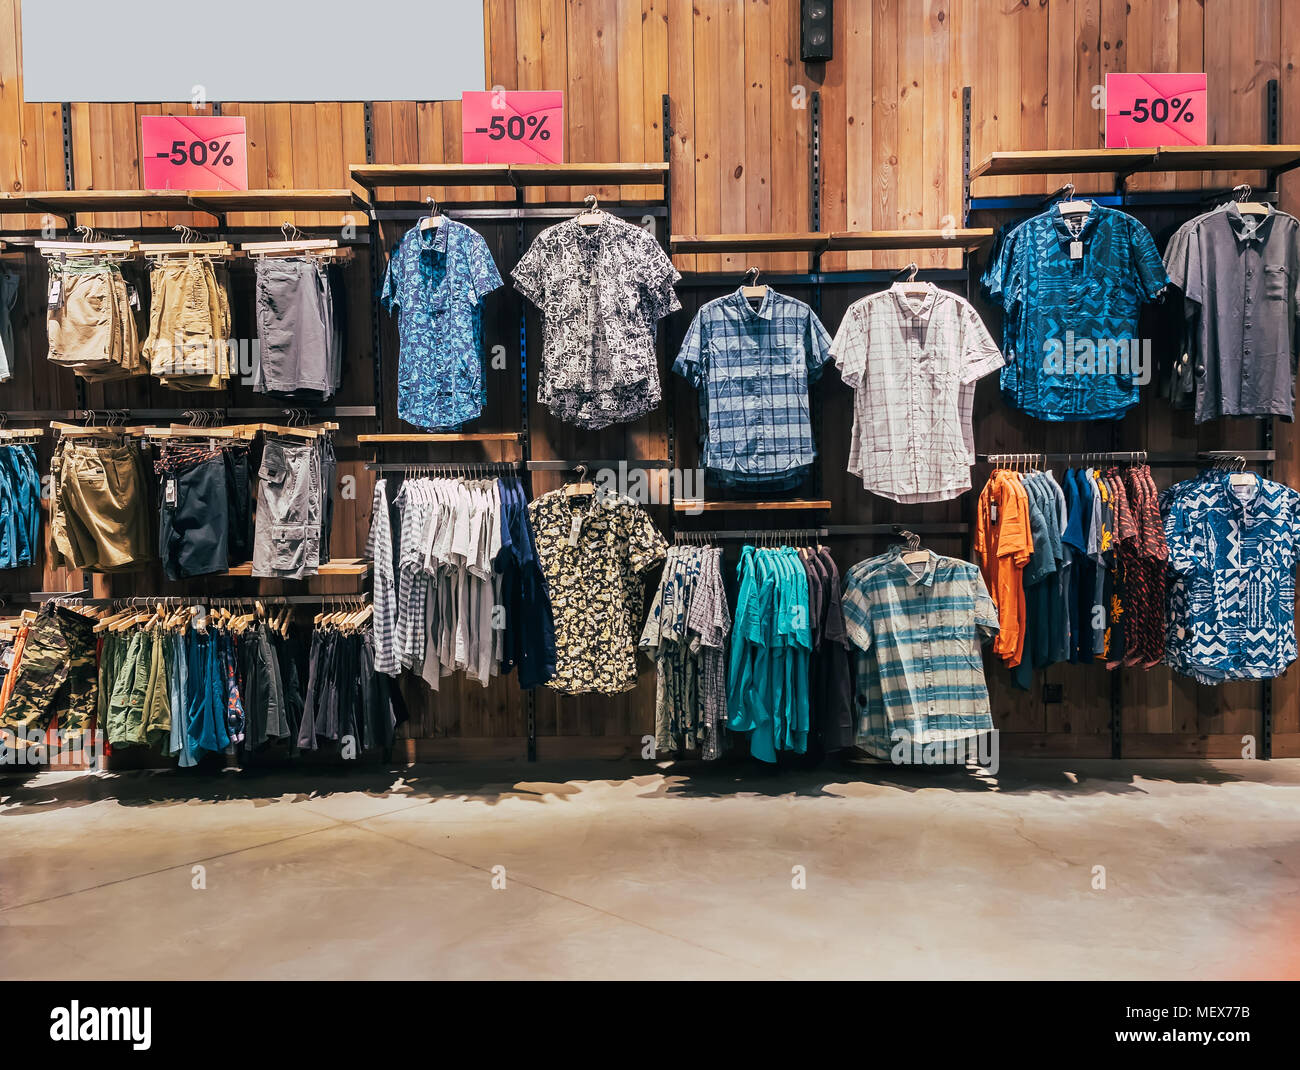 Pour Accrocher Les Vetements les garçons ministère en boutique de vêtements. boutique de